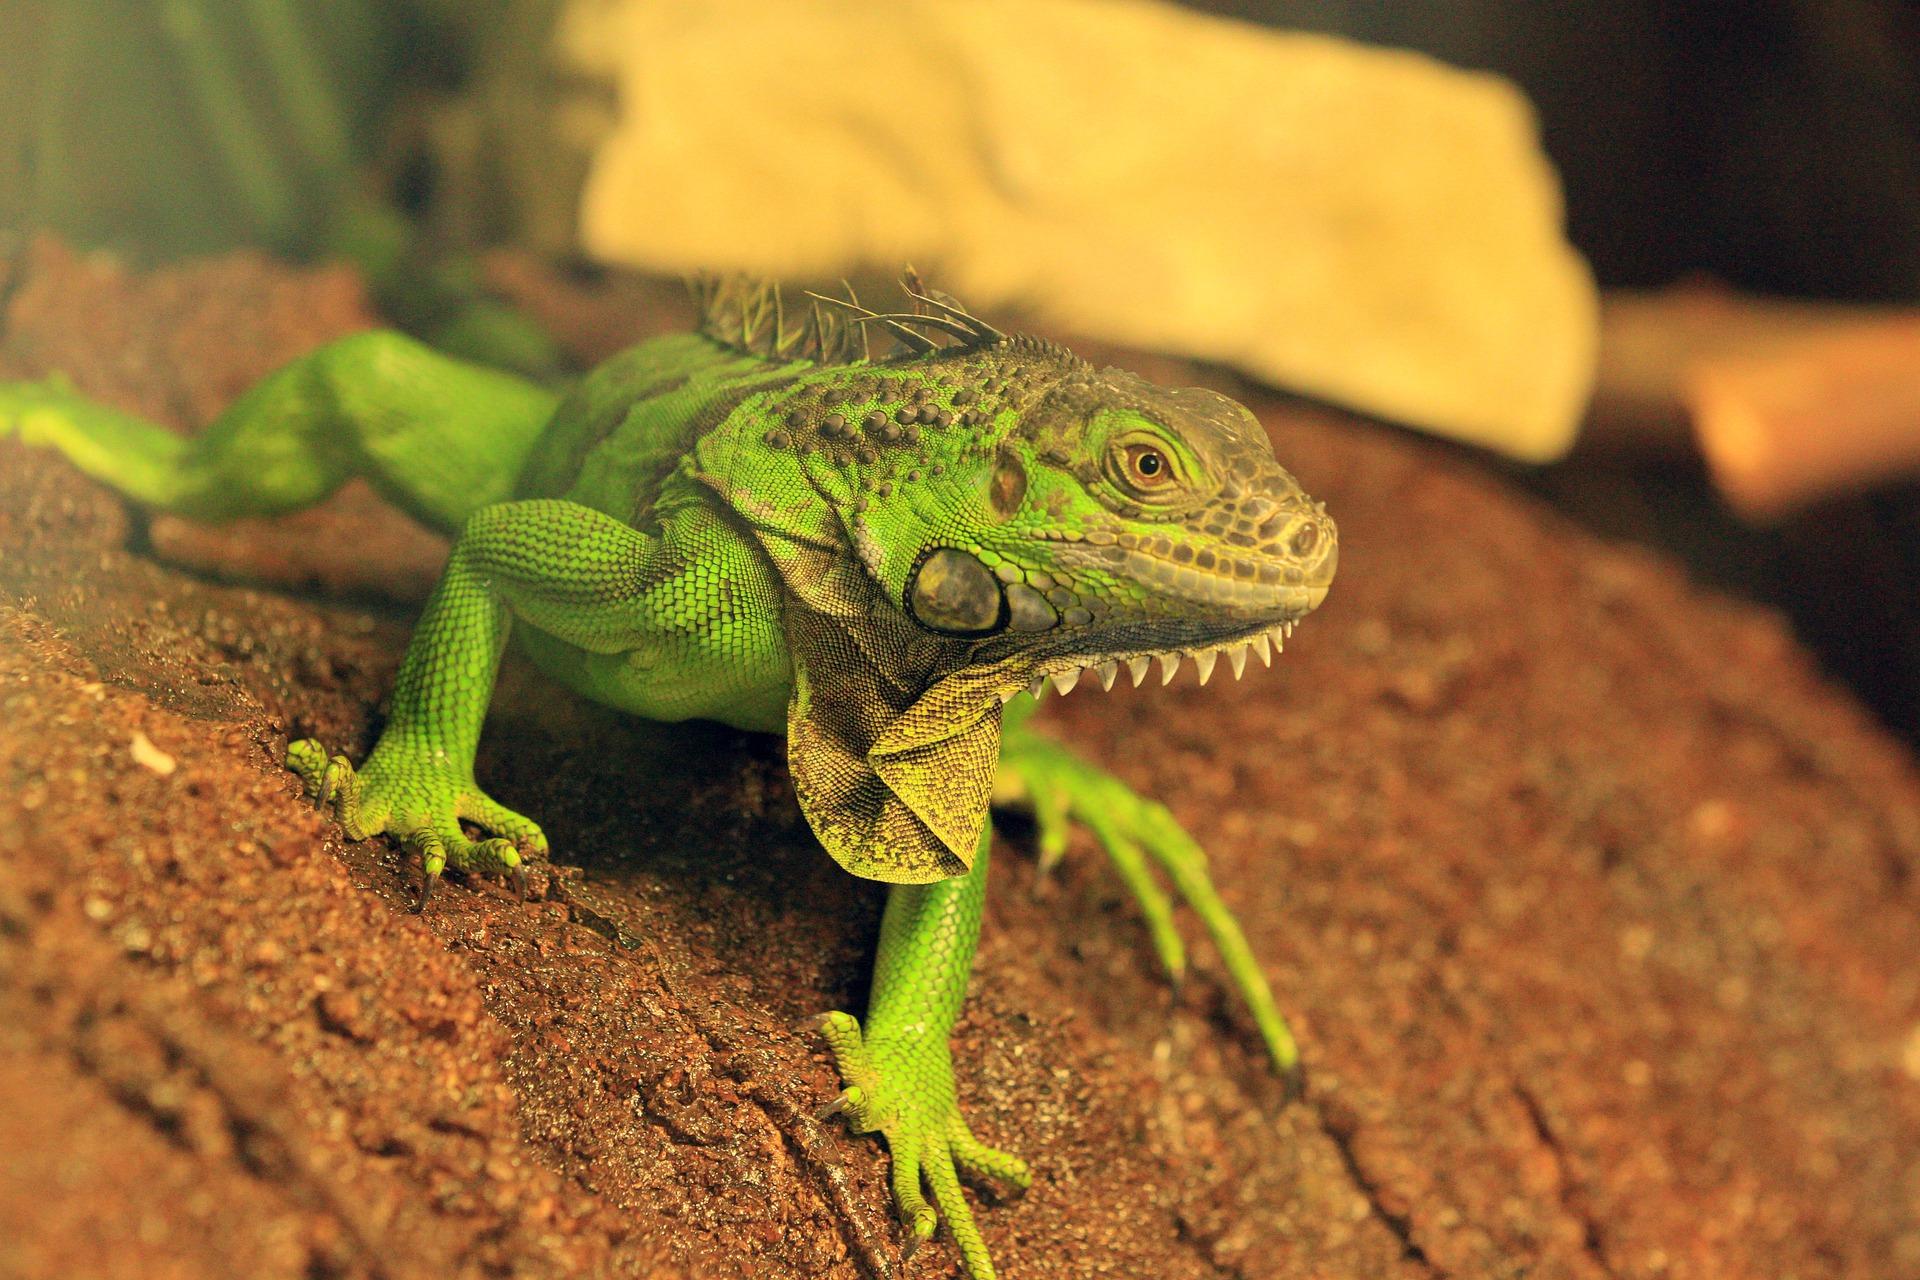 Ein erwachsener Grüner Leguan kann bis zu 2 Meter lang werden.